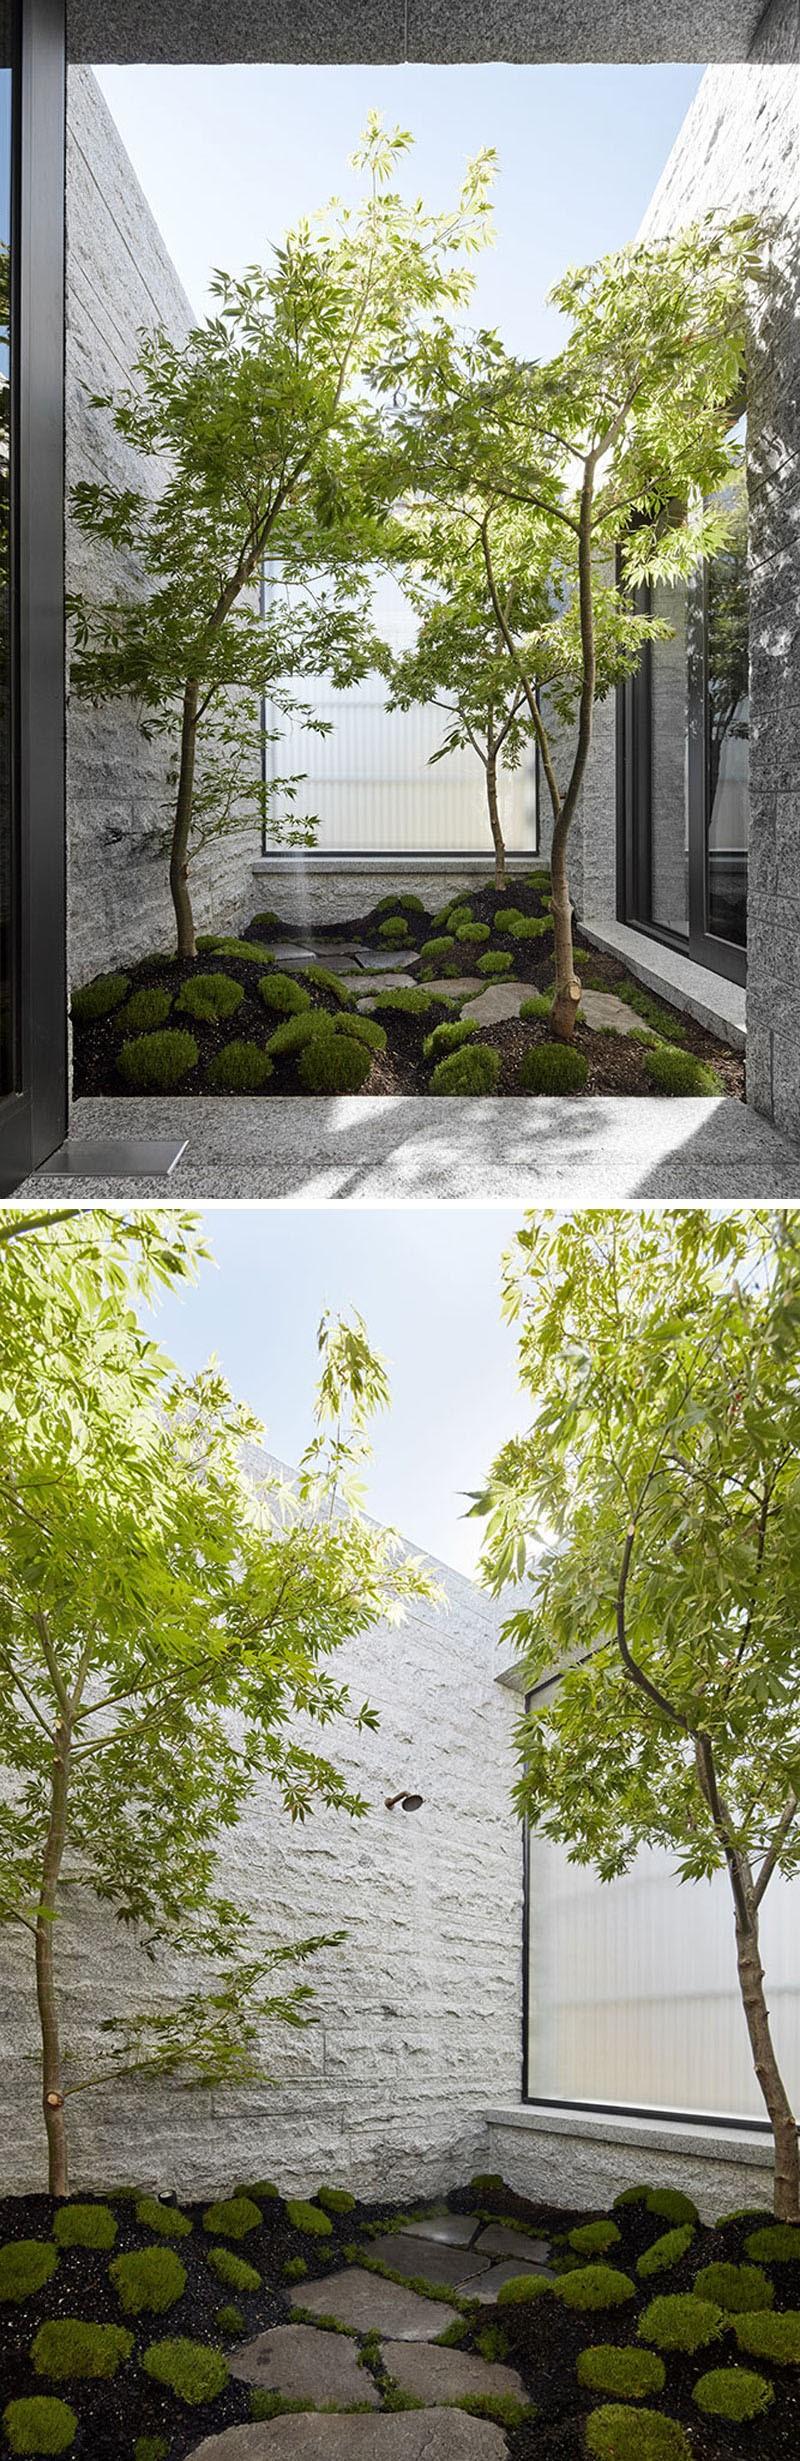 łazienka w stylu japońskim na zewnątrz budynku